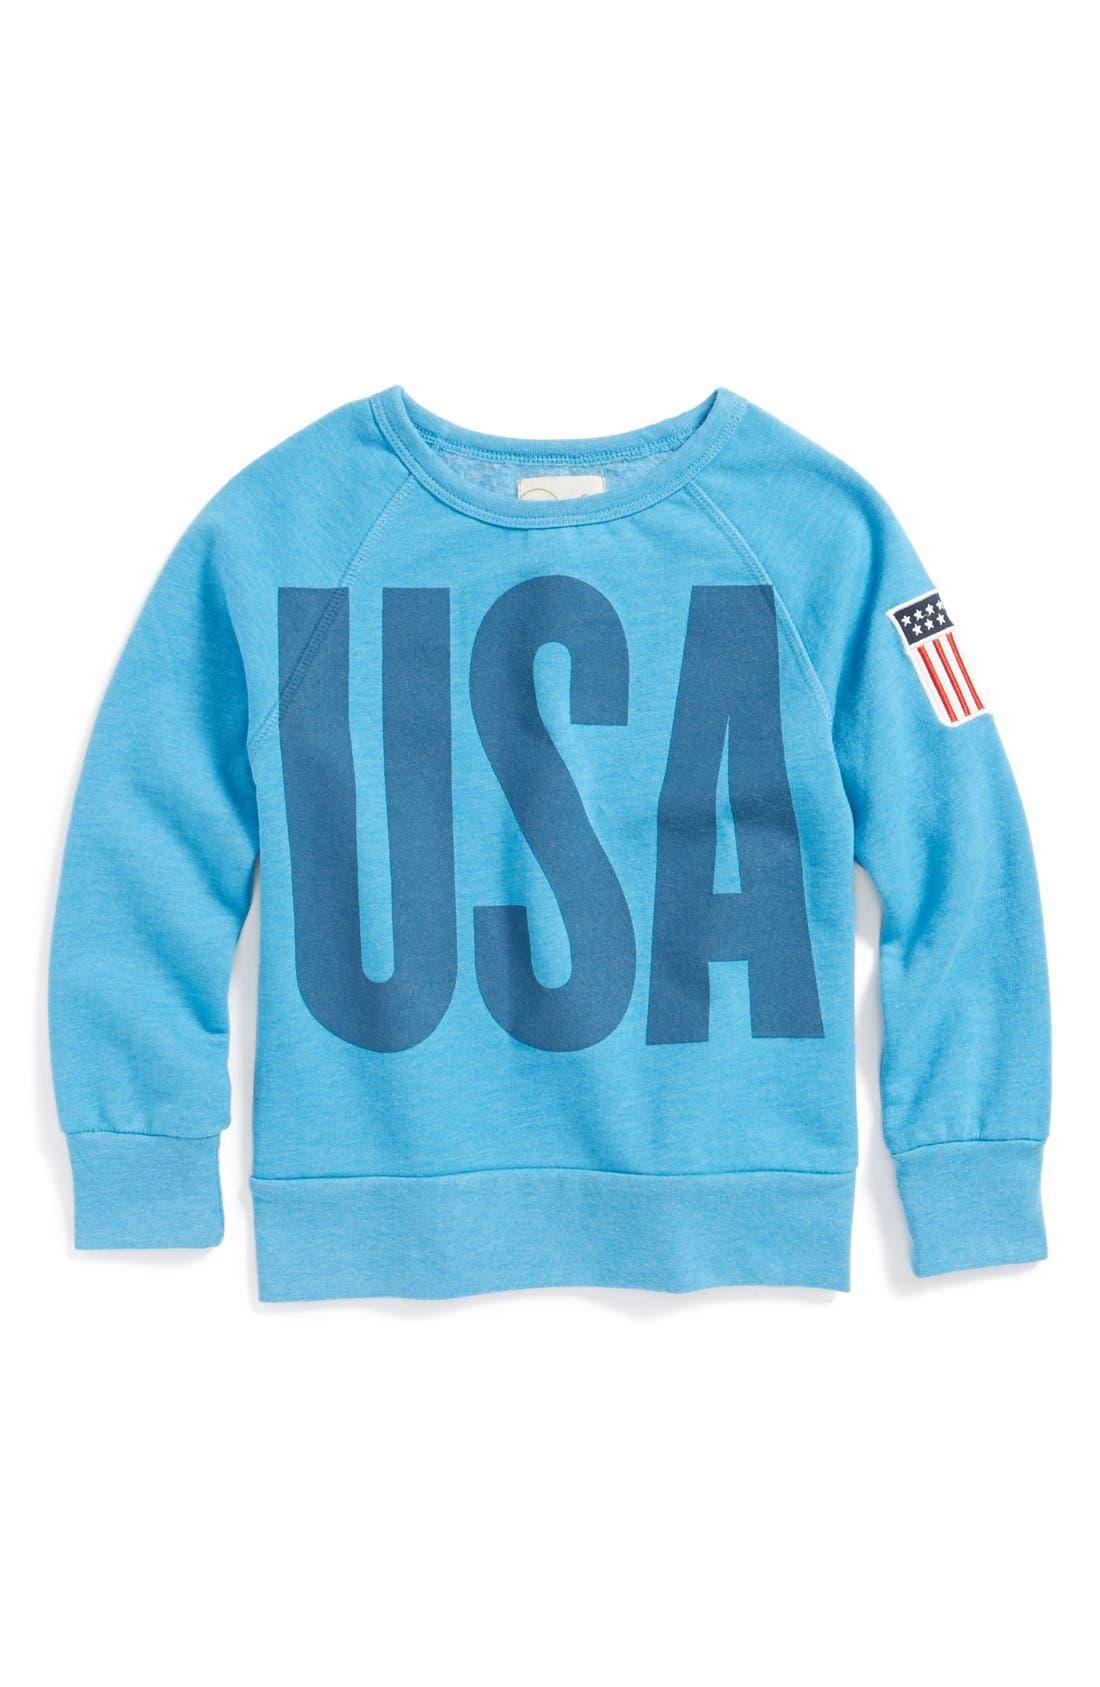 Alternate Image 1 Selected - Peek 'USA' Crewneck Sweatshirt (Toddler Girls, Little Girls & Big Girls)